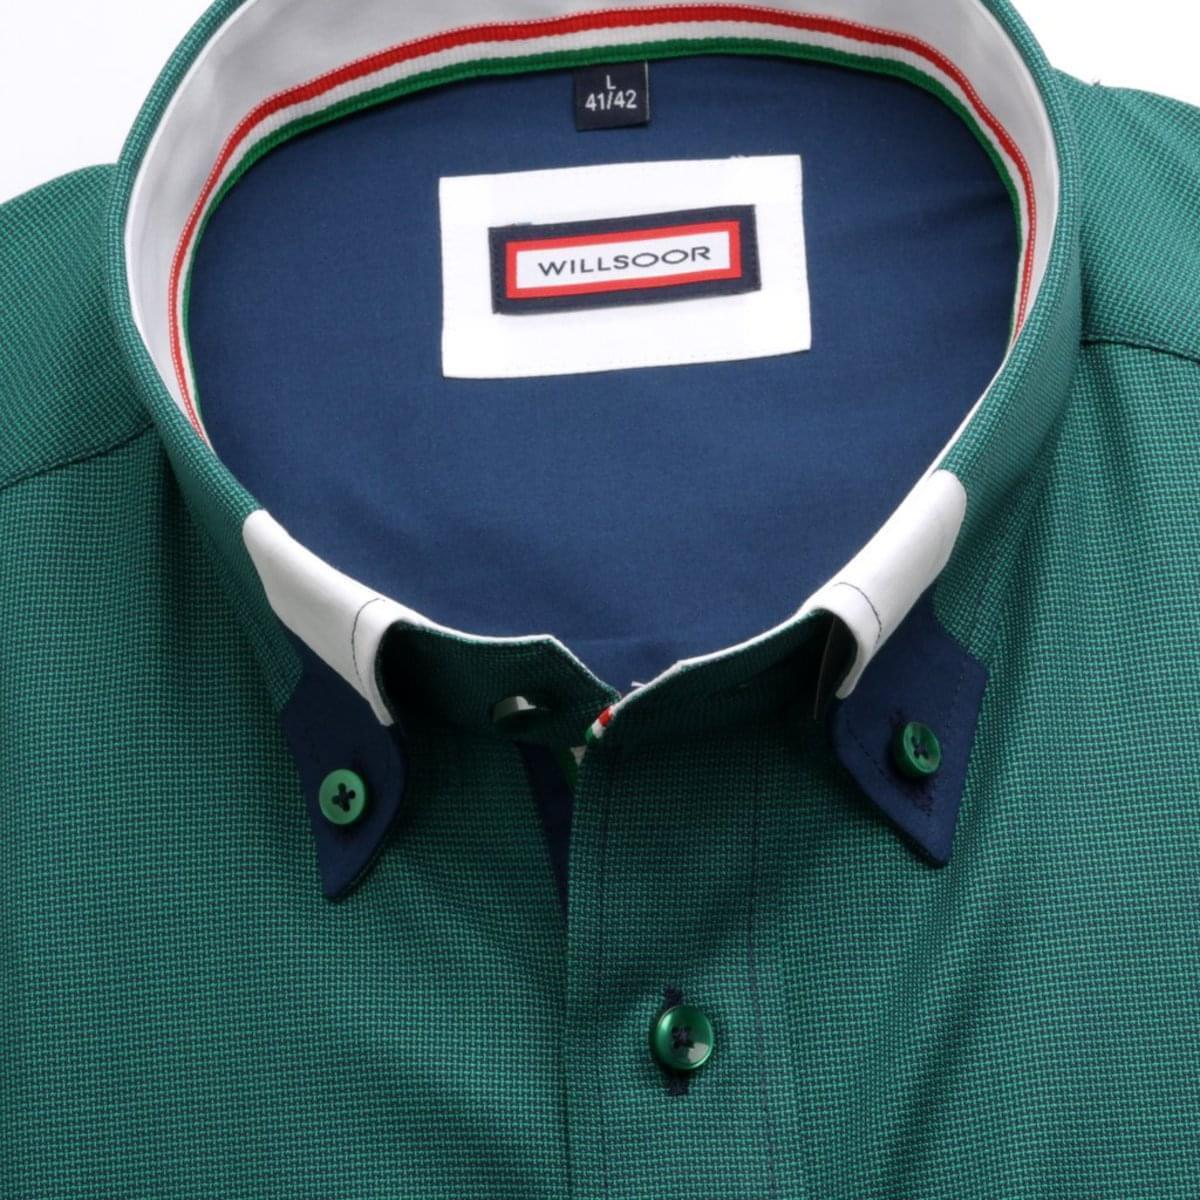 Pánská slim fit košile (výška 176-182) 6859 v zelené barvě 176-182 / XL (43/44)